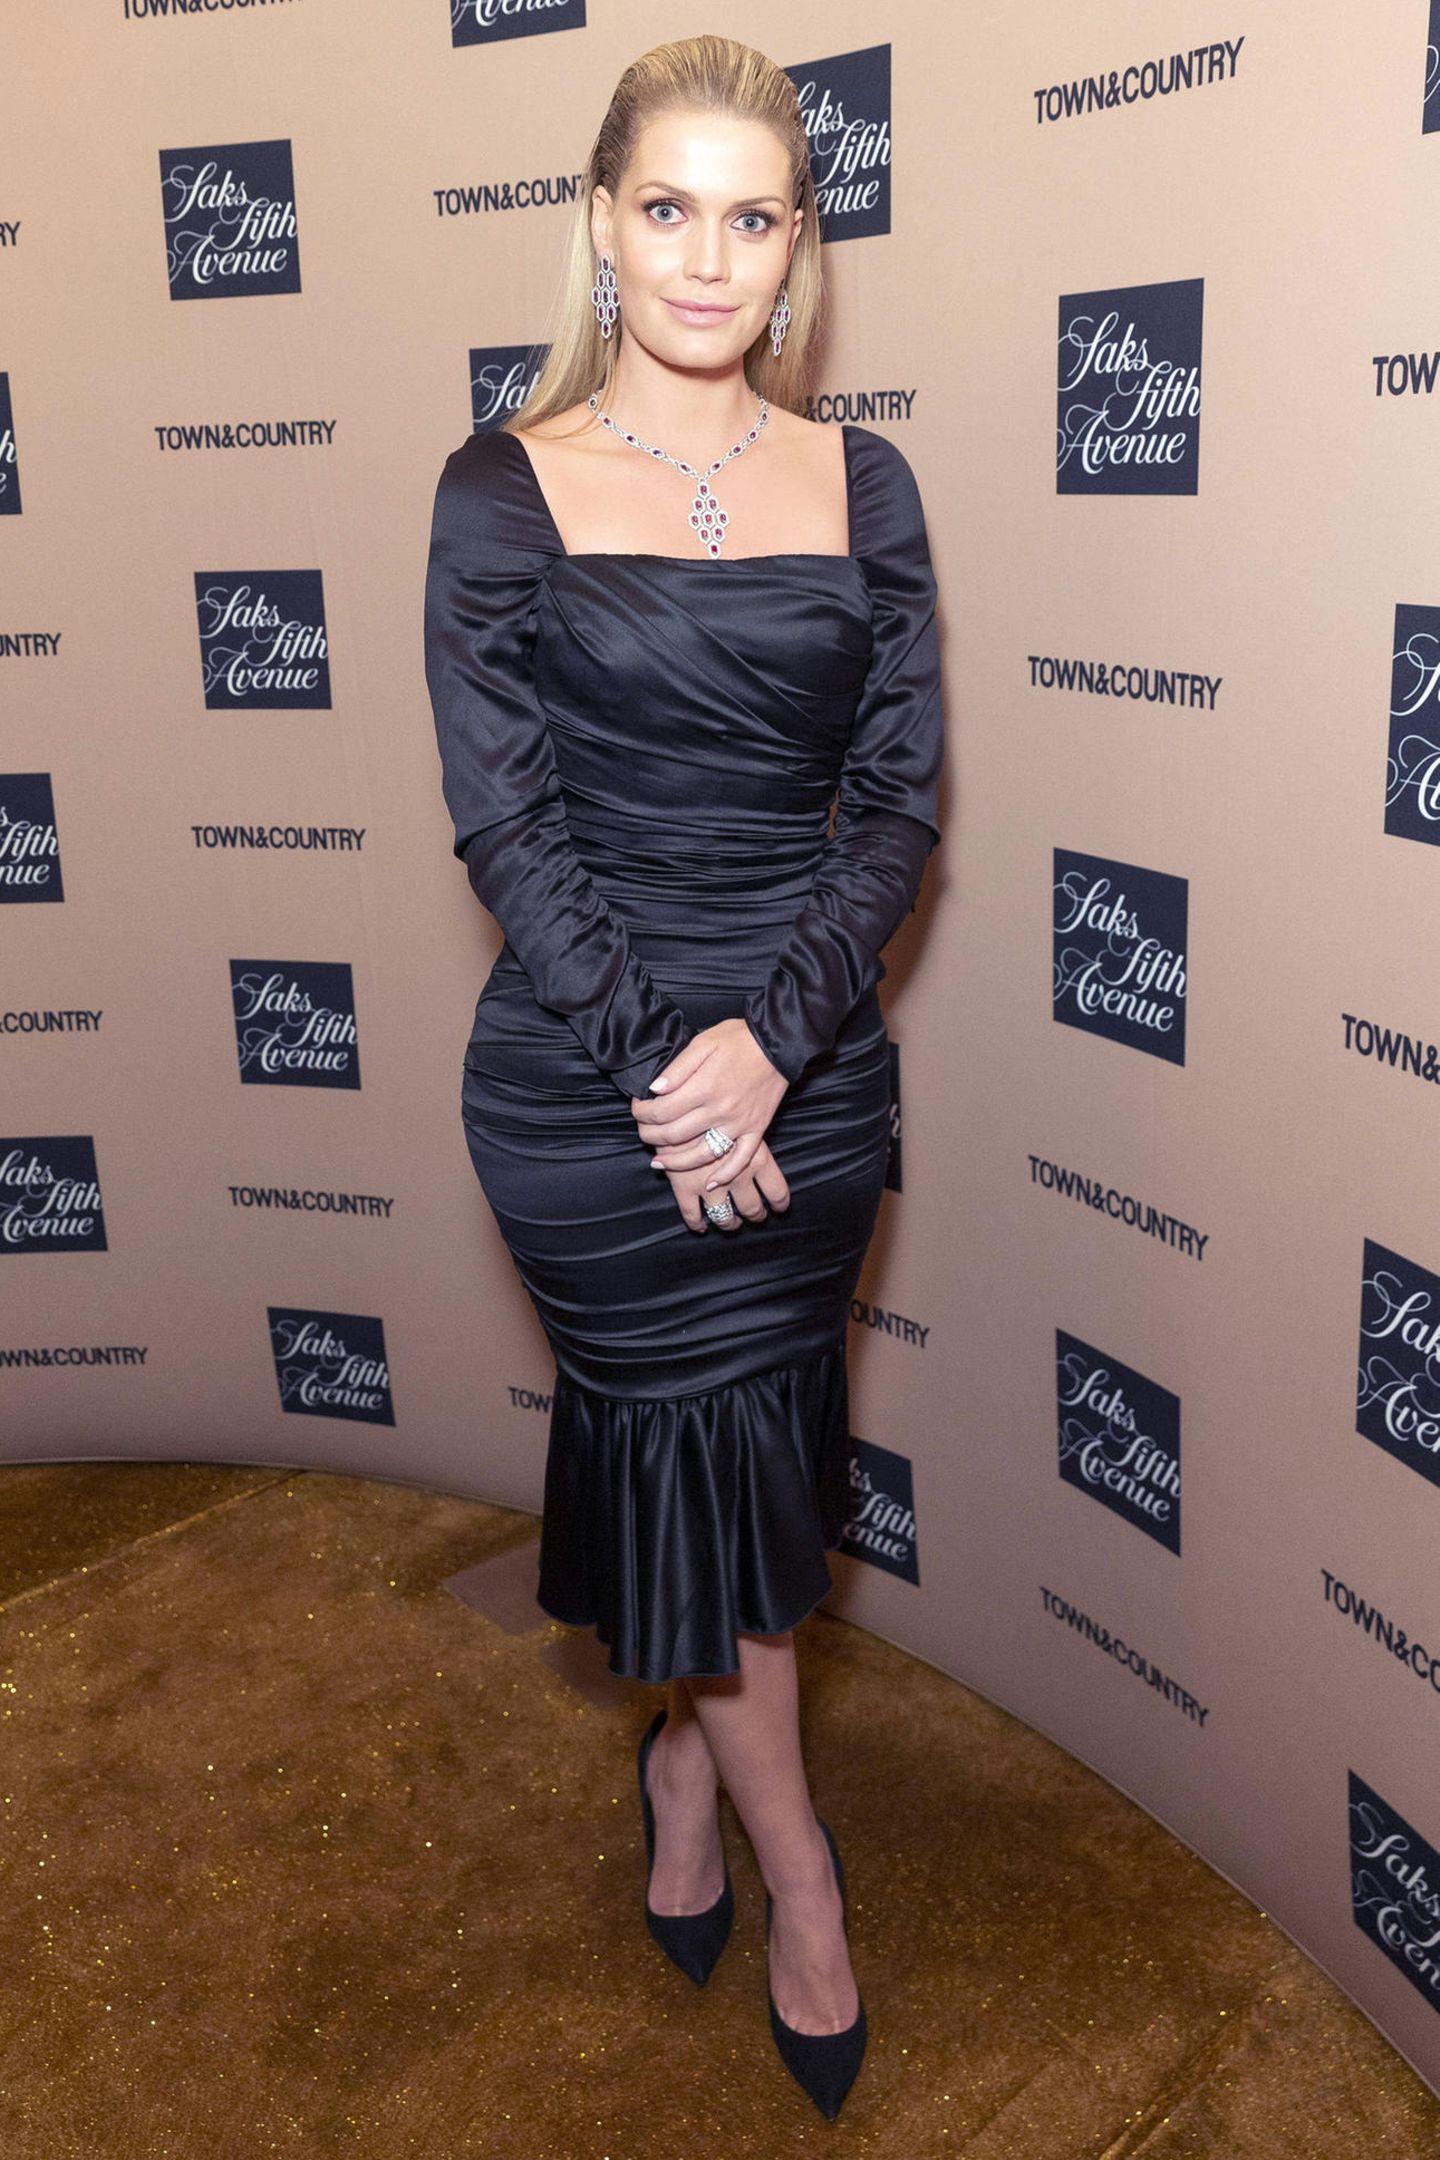 Dazu kombiniert die Markenbotschafterin des traditionsreichen Schmuckhauses die passenden Ohrringe und zwei Ringe, die sicherlich auch nicht aus der Modeschmuck-Abteilung eines Kaufhauses stammen. Dieser Auftritt von Lady Dianas schöner Nichte ist mindestens so hochkarätig wie das ein oder andere Juwel in der Schatzkammer der britischen Royals.